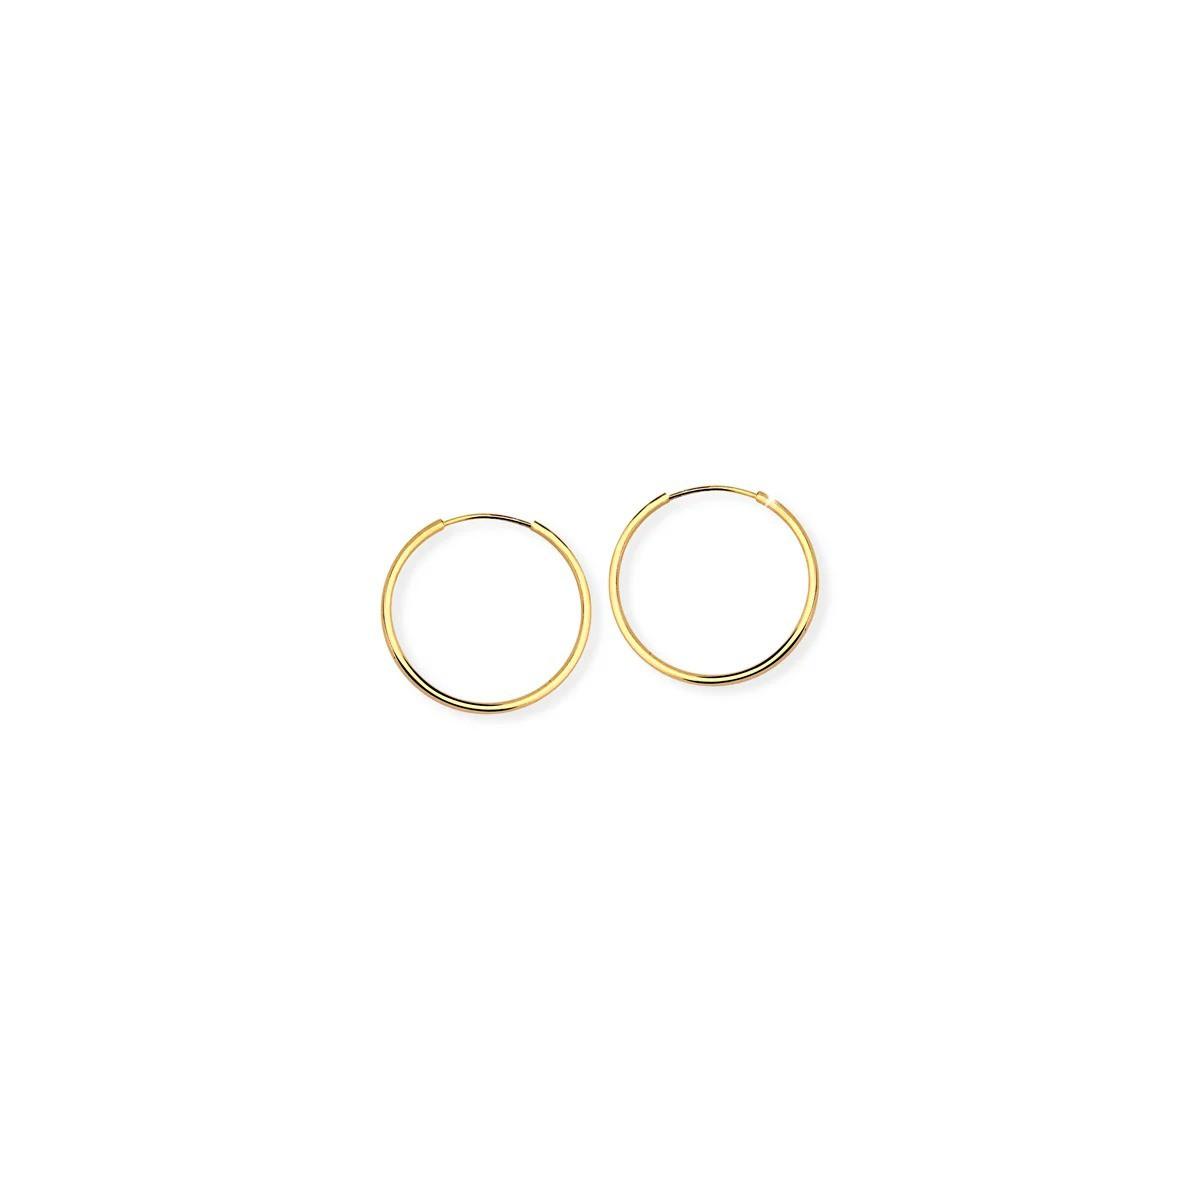 Brinco Argola Fio Fino Redondo M em Prata 925 banho de ouro